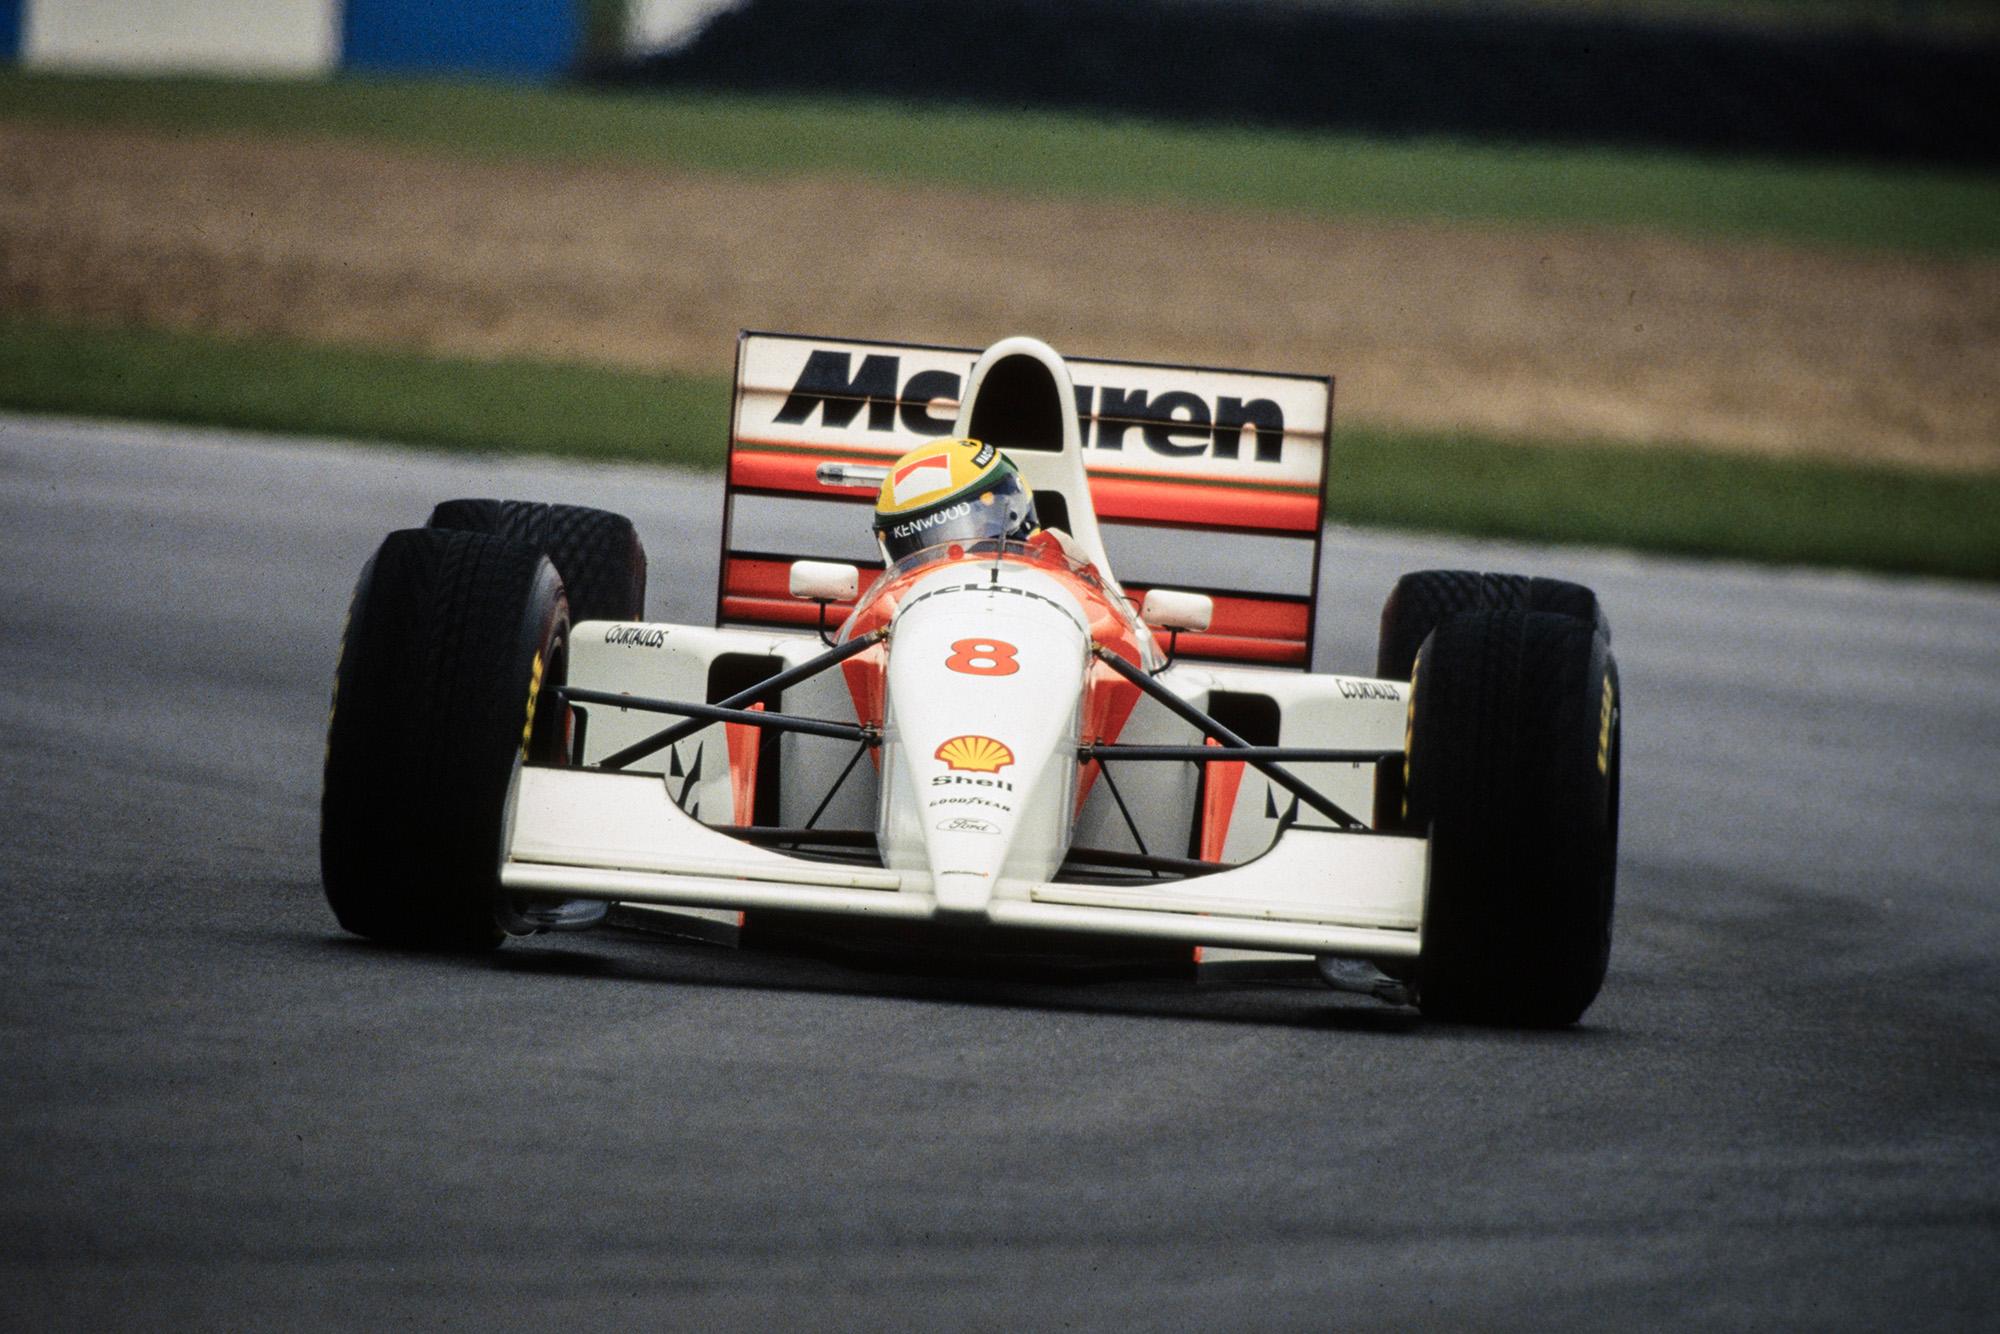 Senna2